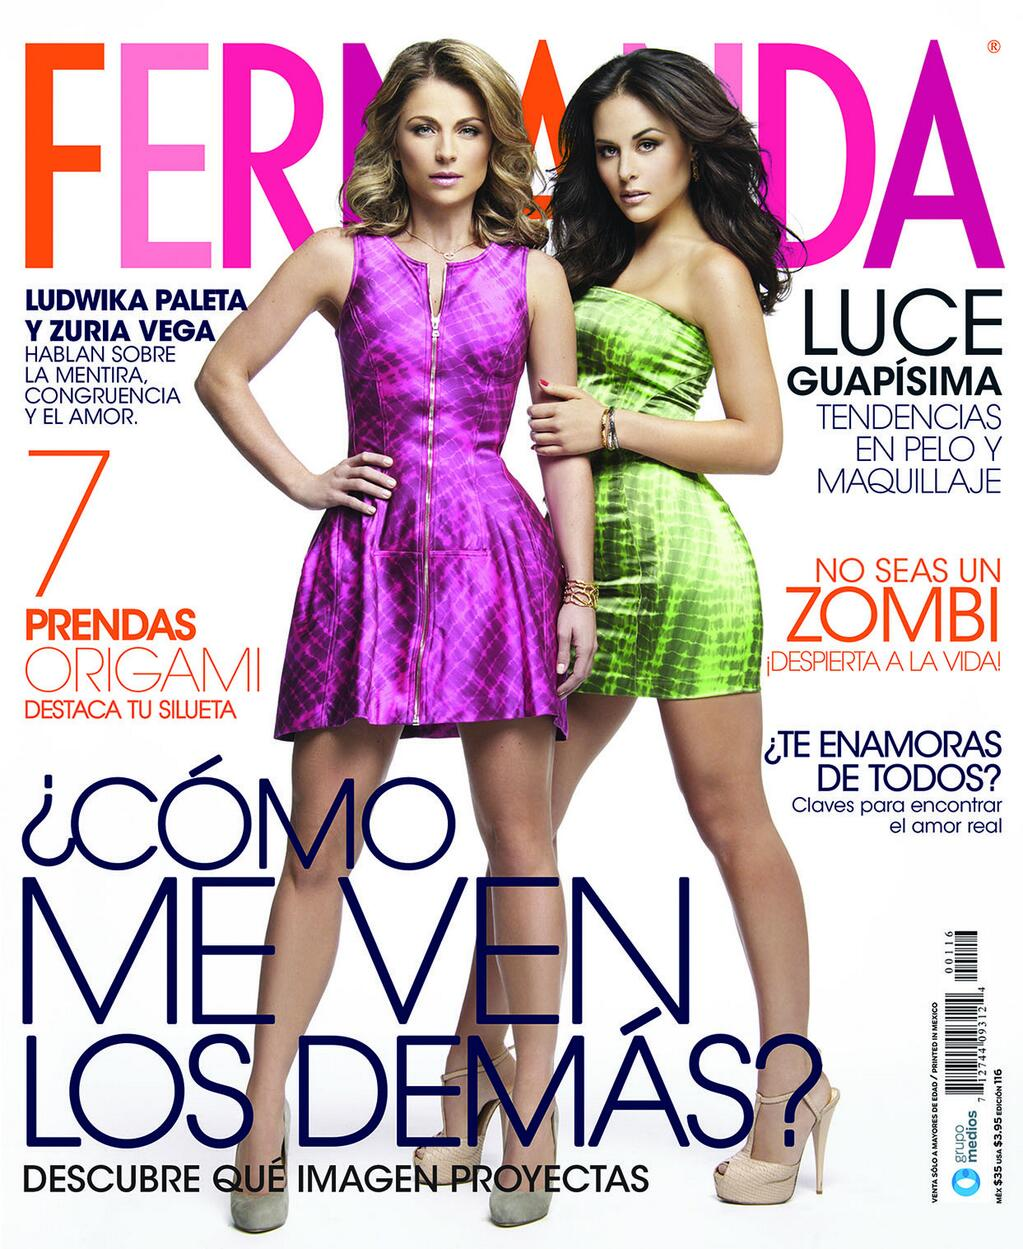 Actrices y actores latinos: Fernanda - Ludwika Paleta y Zuria Vega